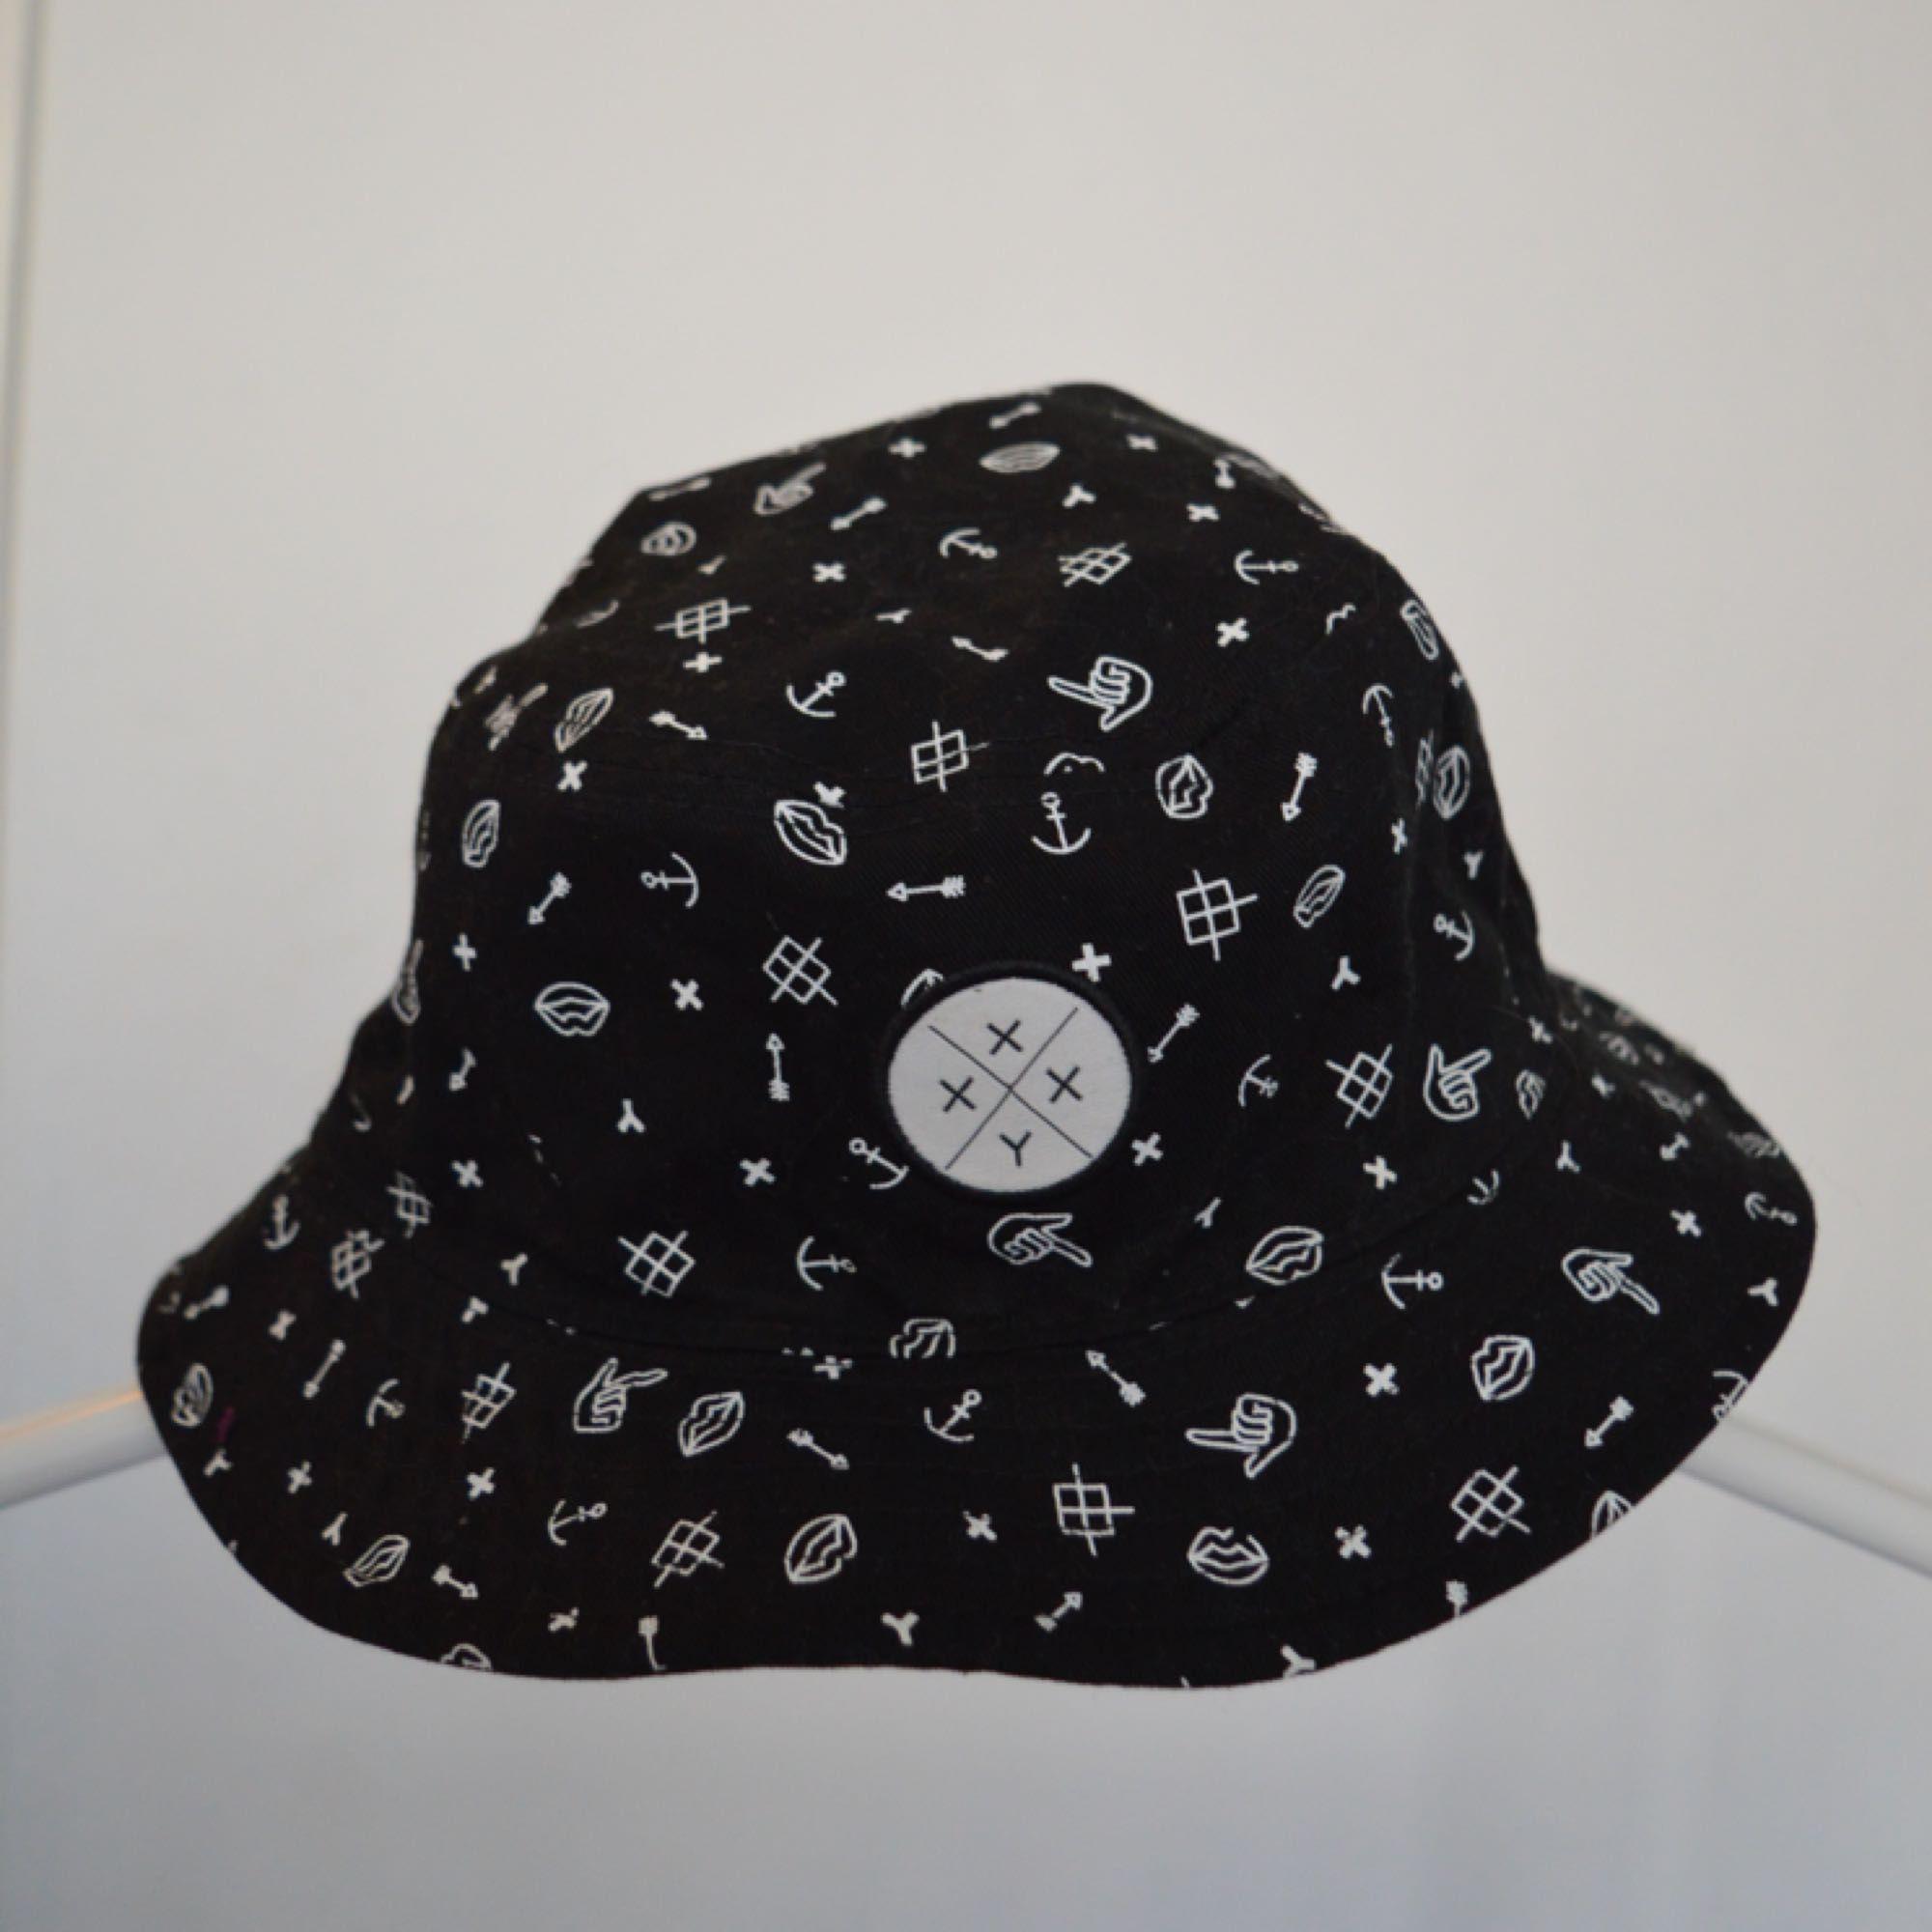 Bucket hat som man kan vända på, vill man ha hel svart eller mönster? bara att välja!. Accessoarer.